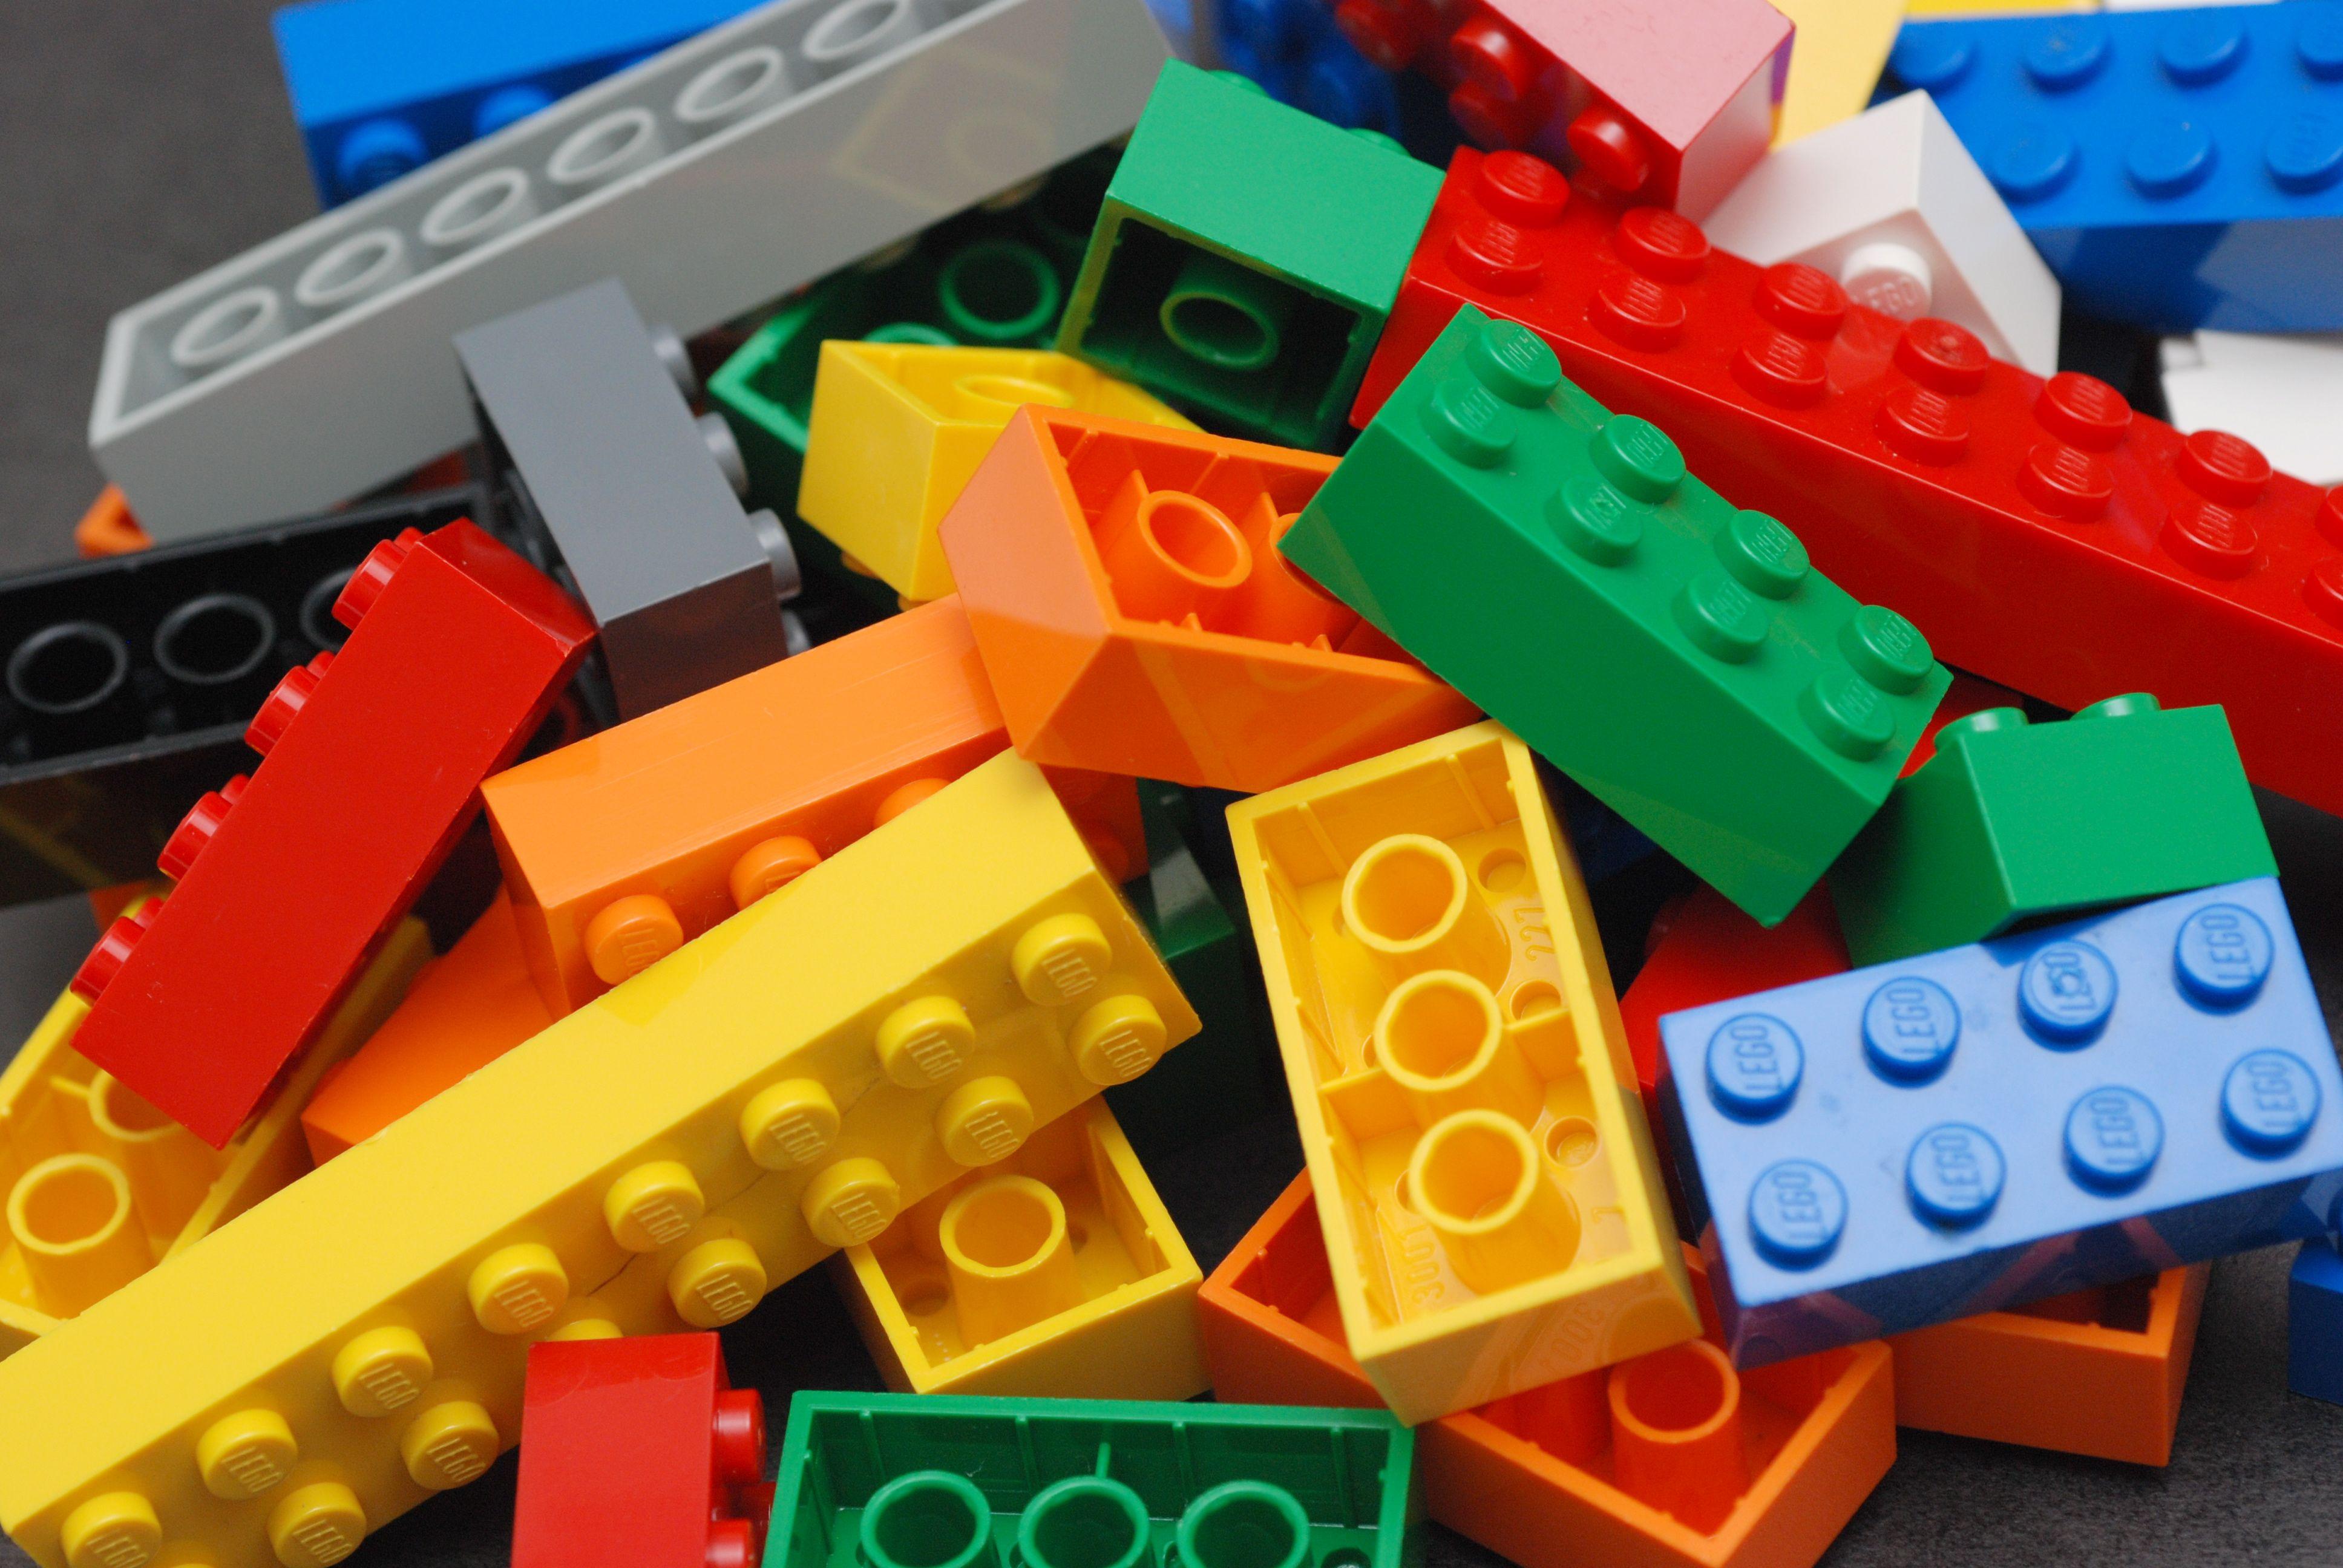 Lavorare e guadagnare con i Lego si può!